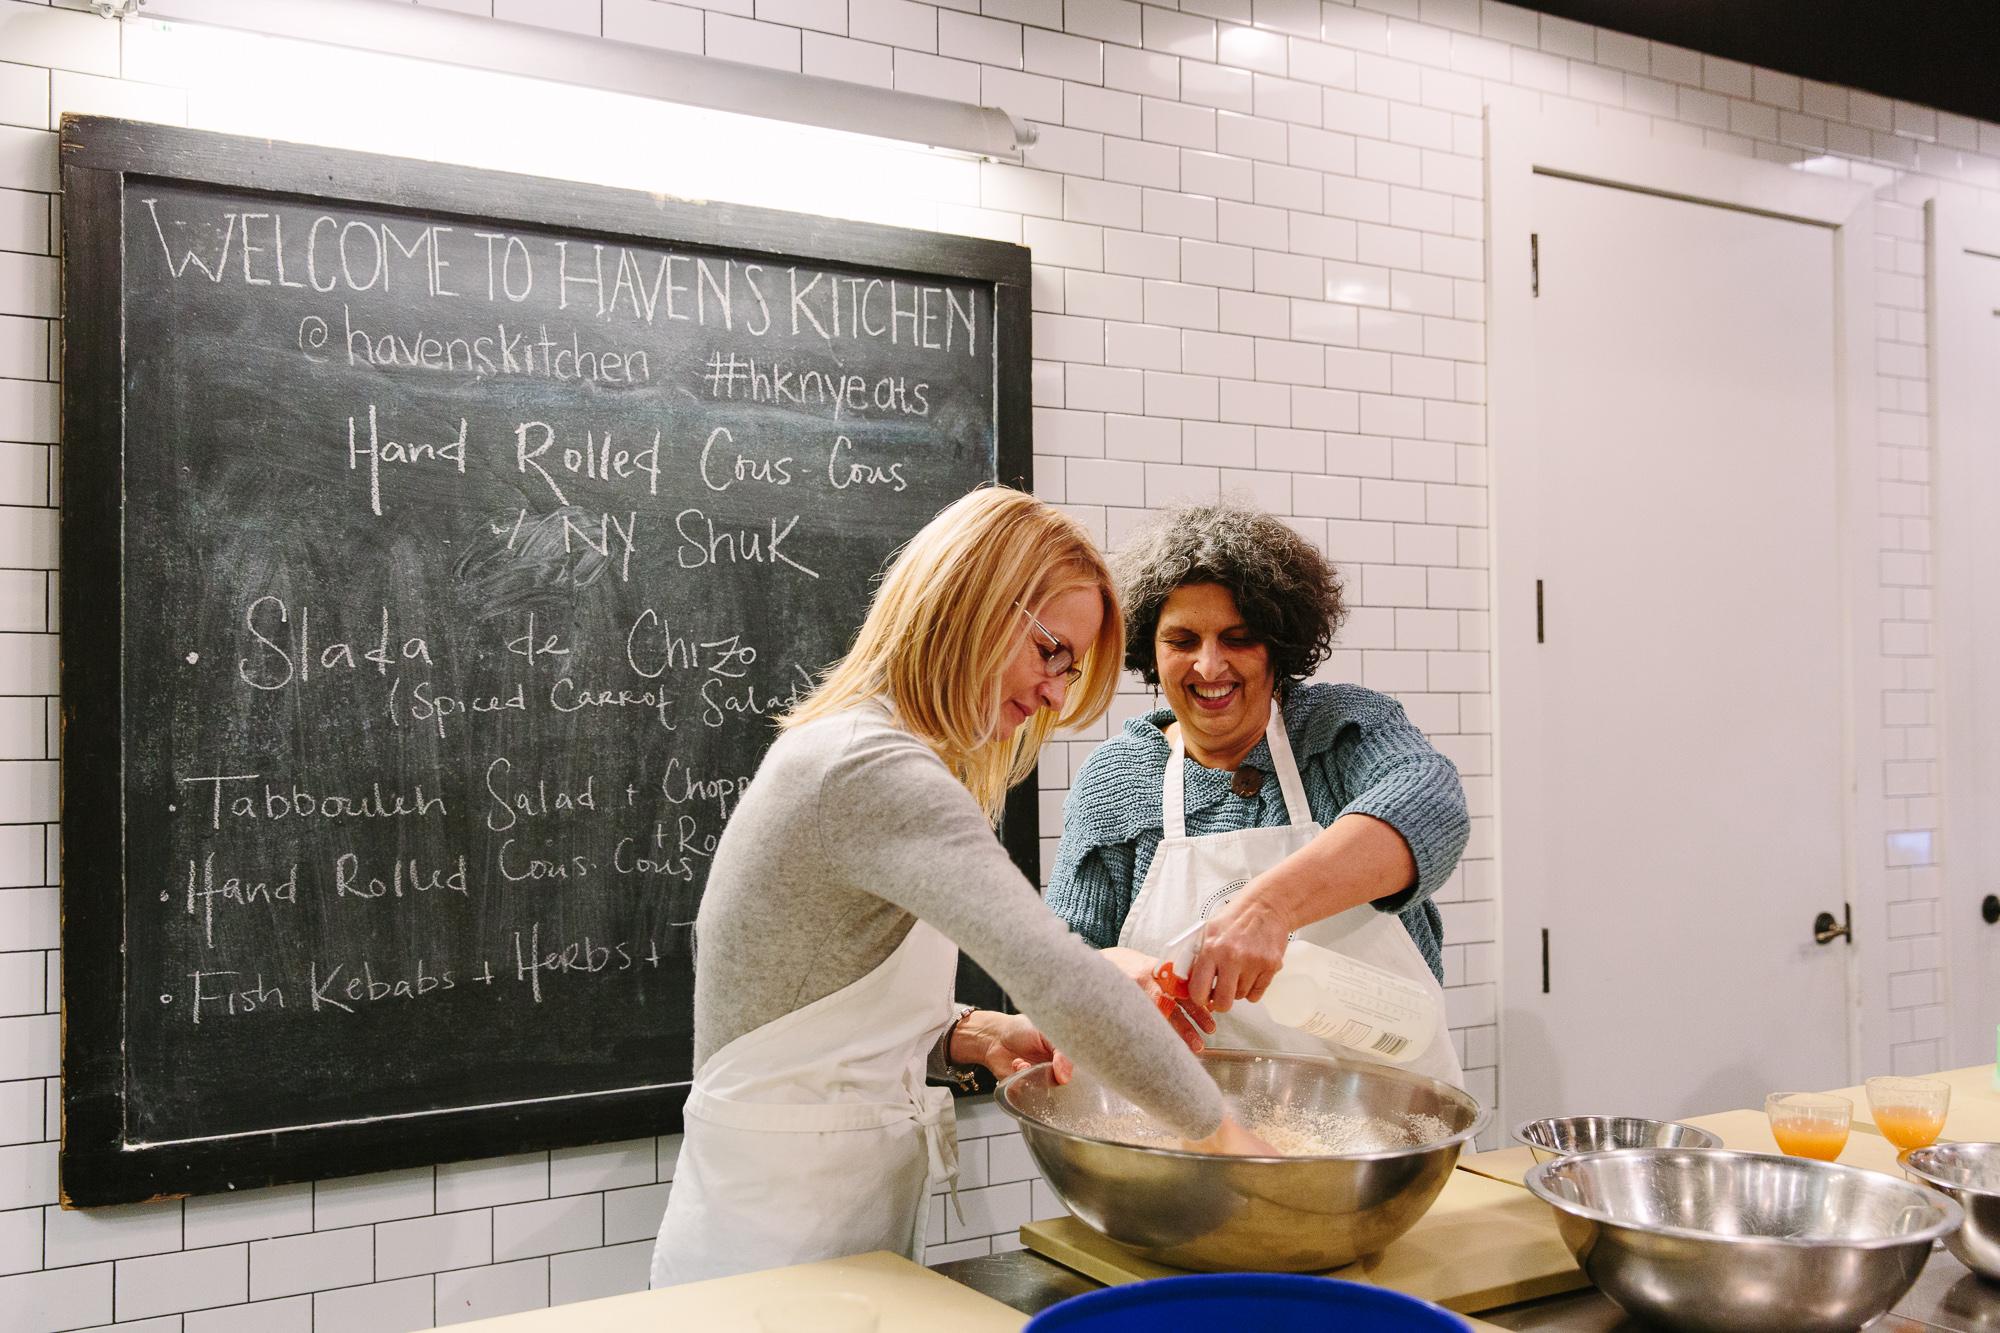 NY Shuk Haven's Kitchen-11.jpg